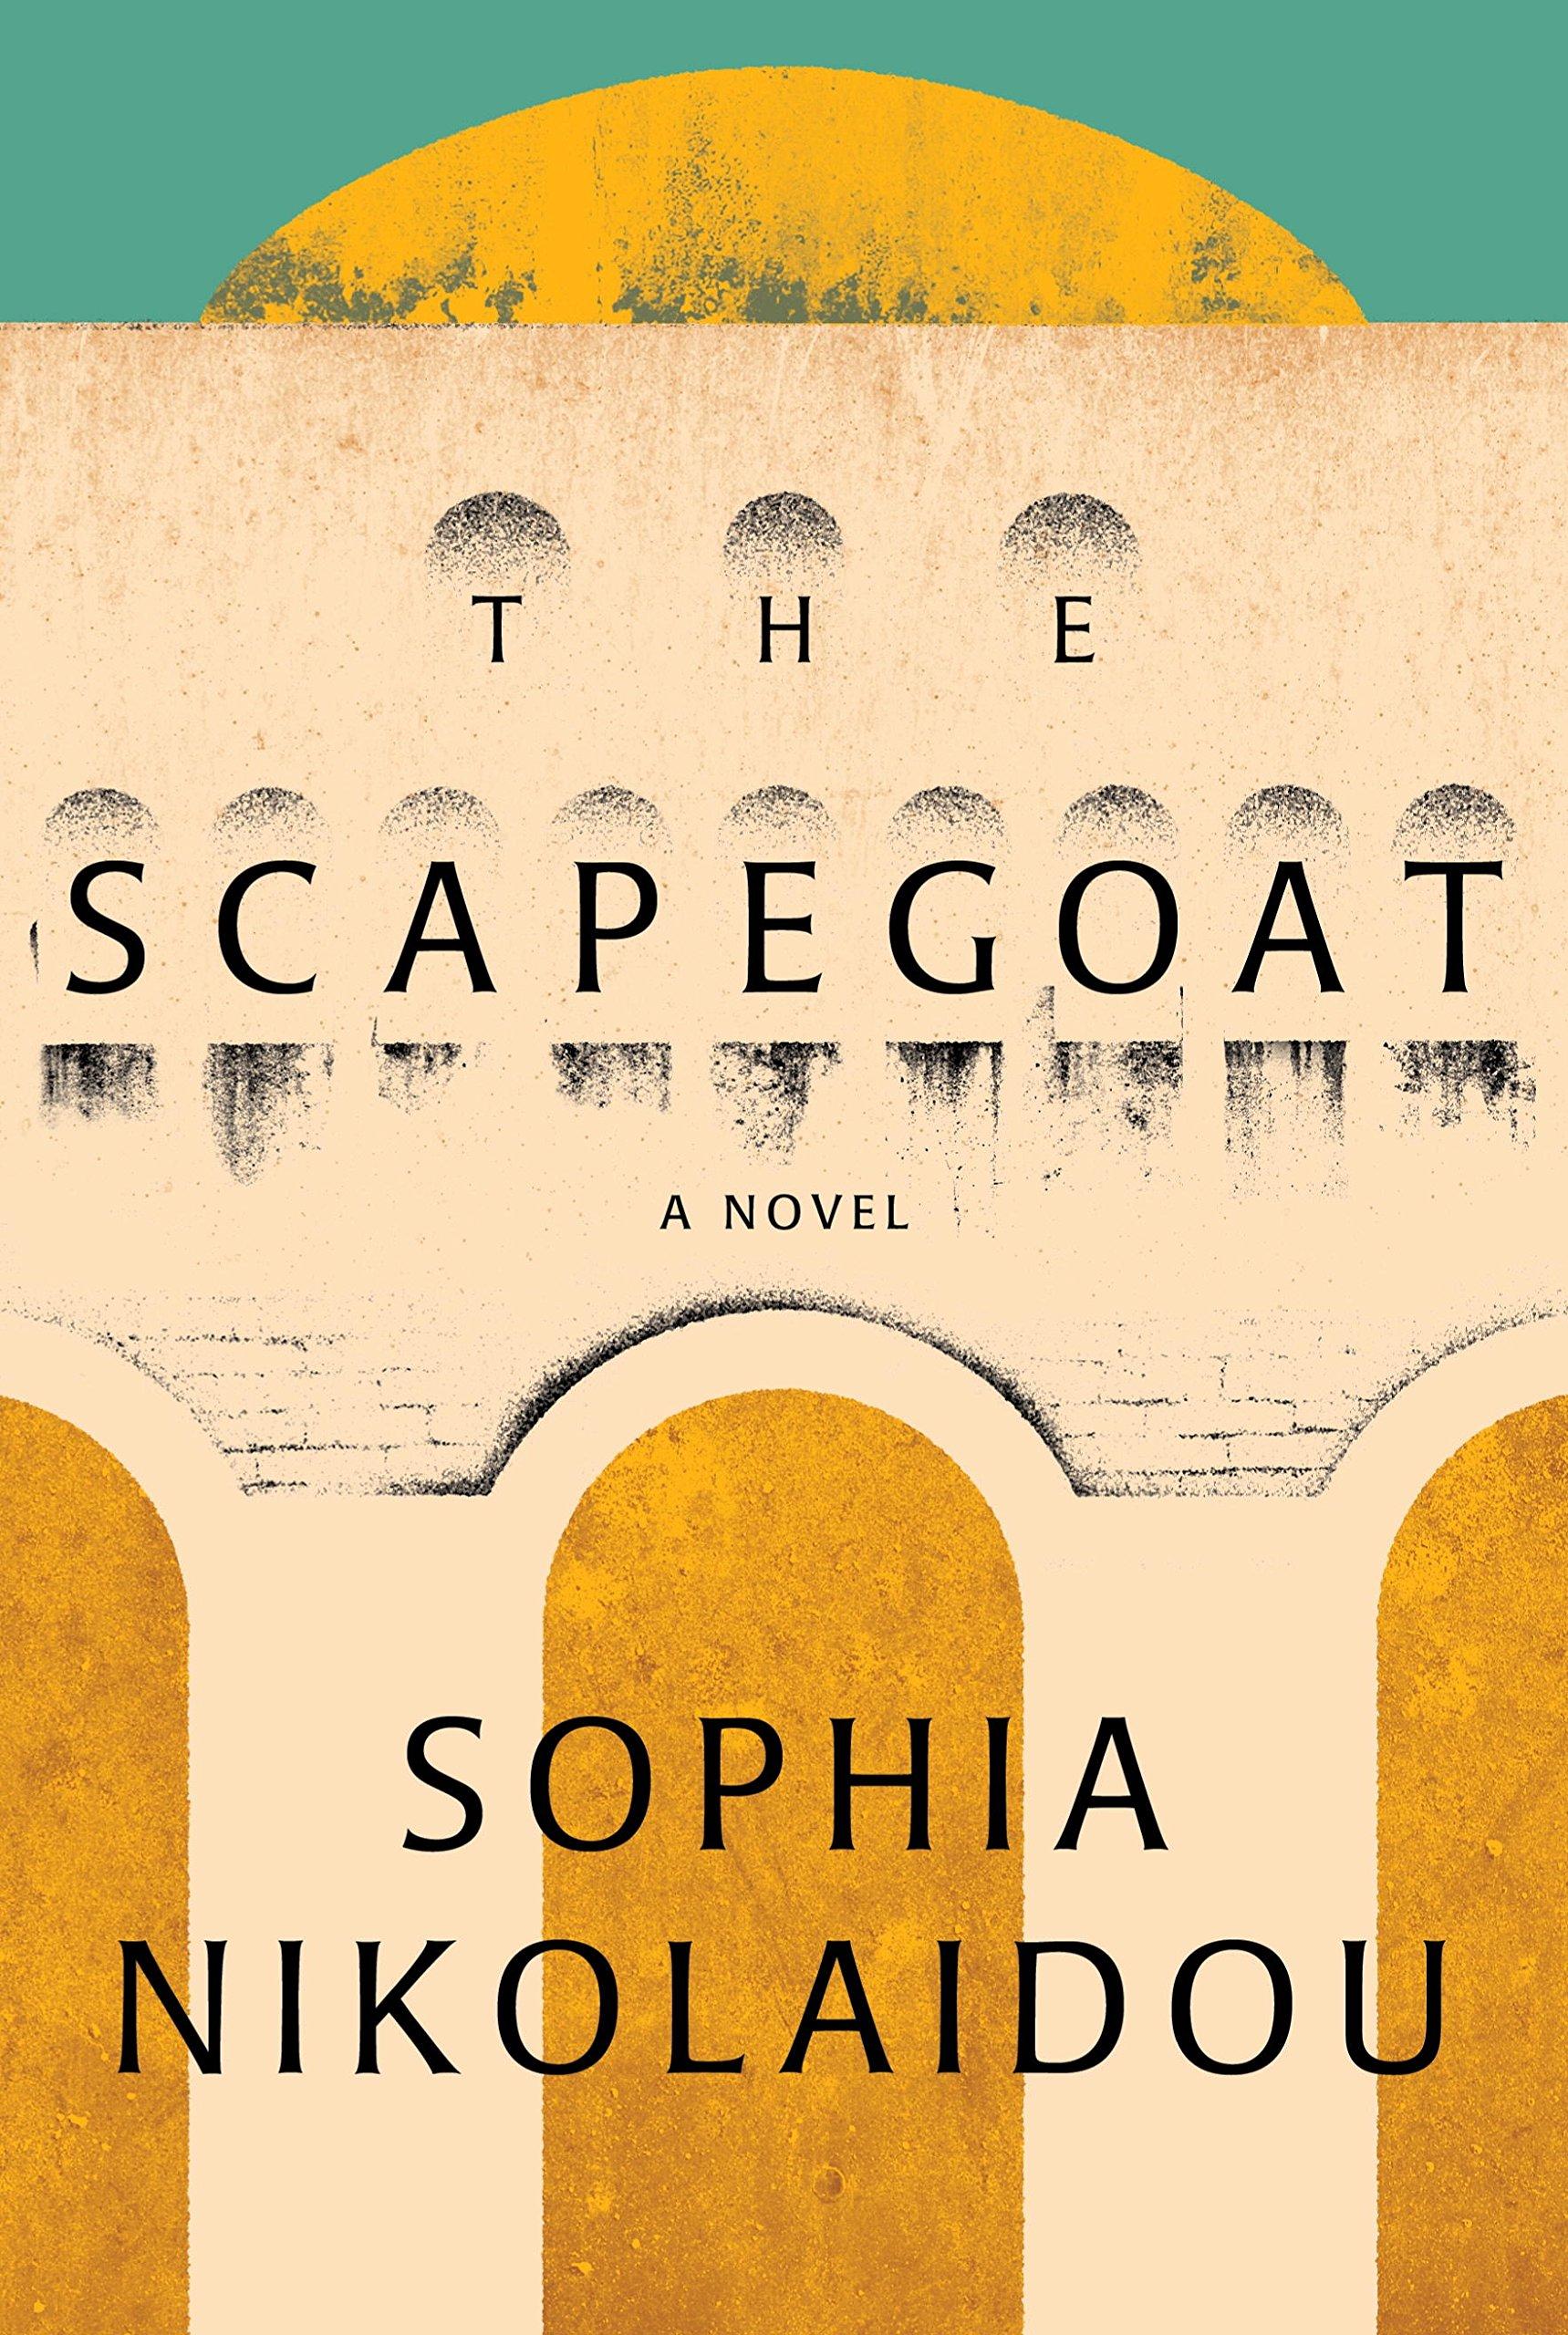 The Scapegoat: A Novel: Sophia Nikolaidou, Karen Emmerich